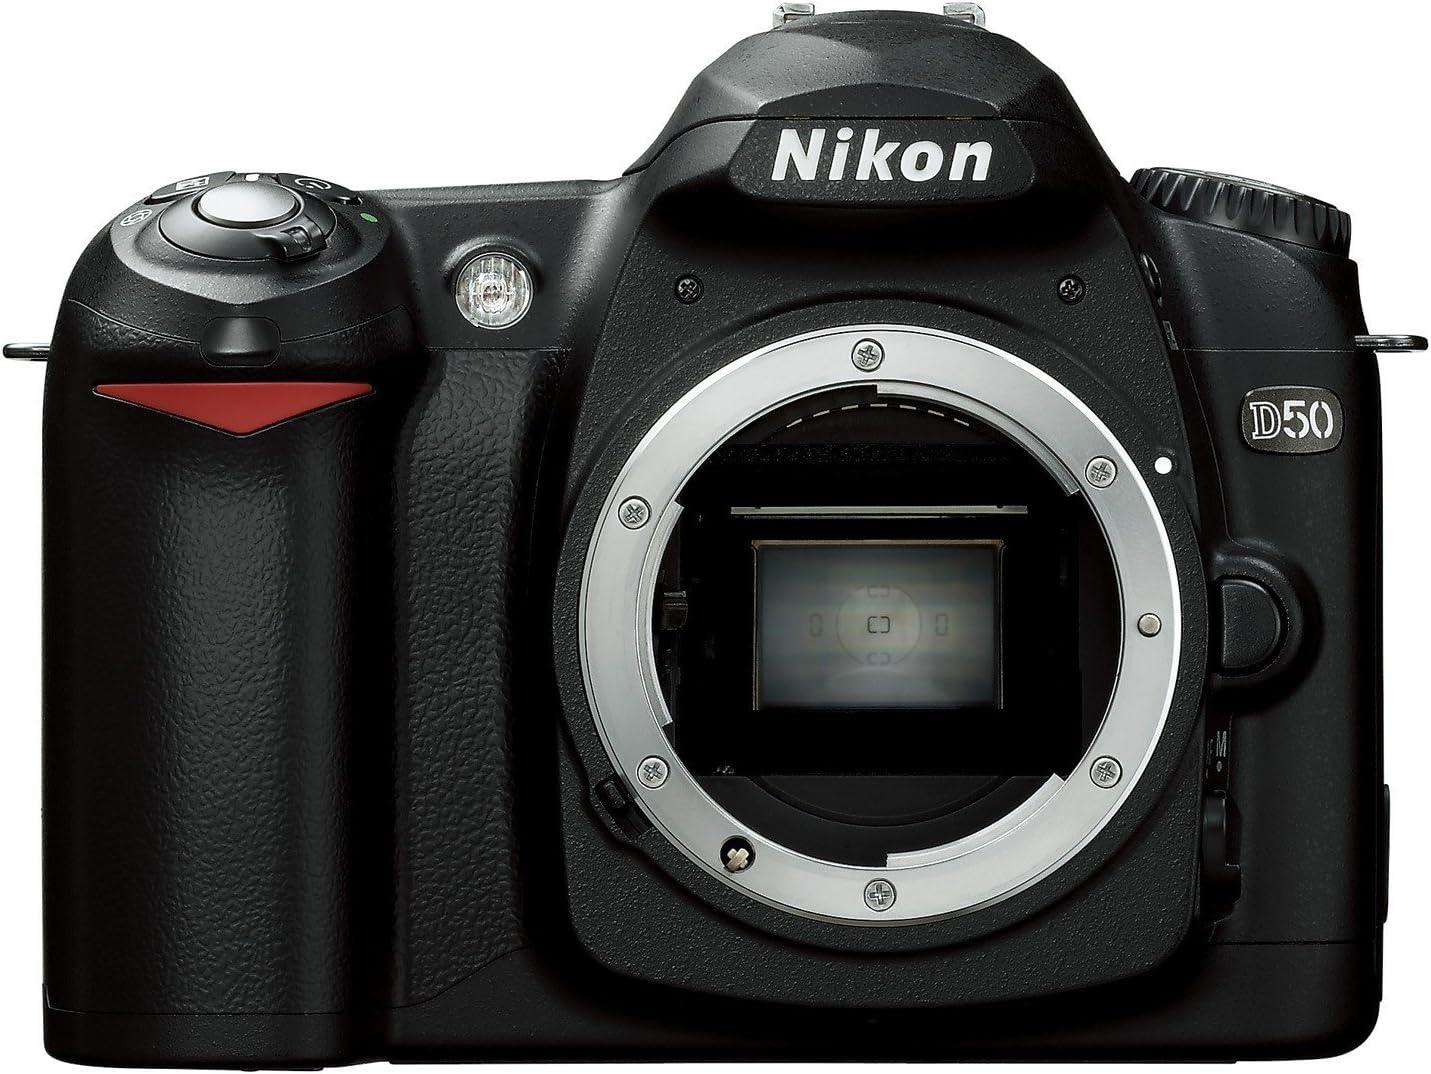 Nikon D50 Slr Digitalkamera Gehäuse Schwarz Kamera